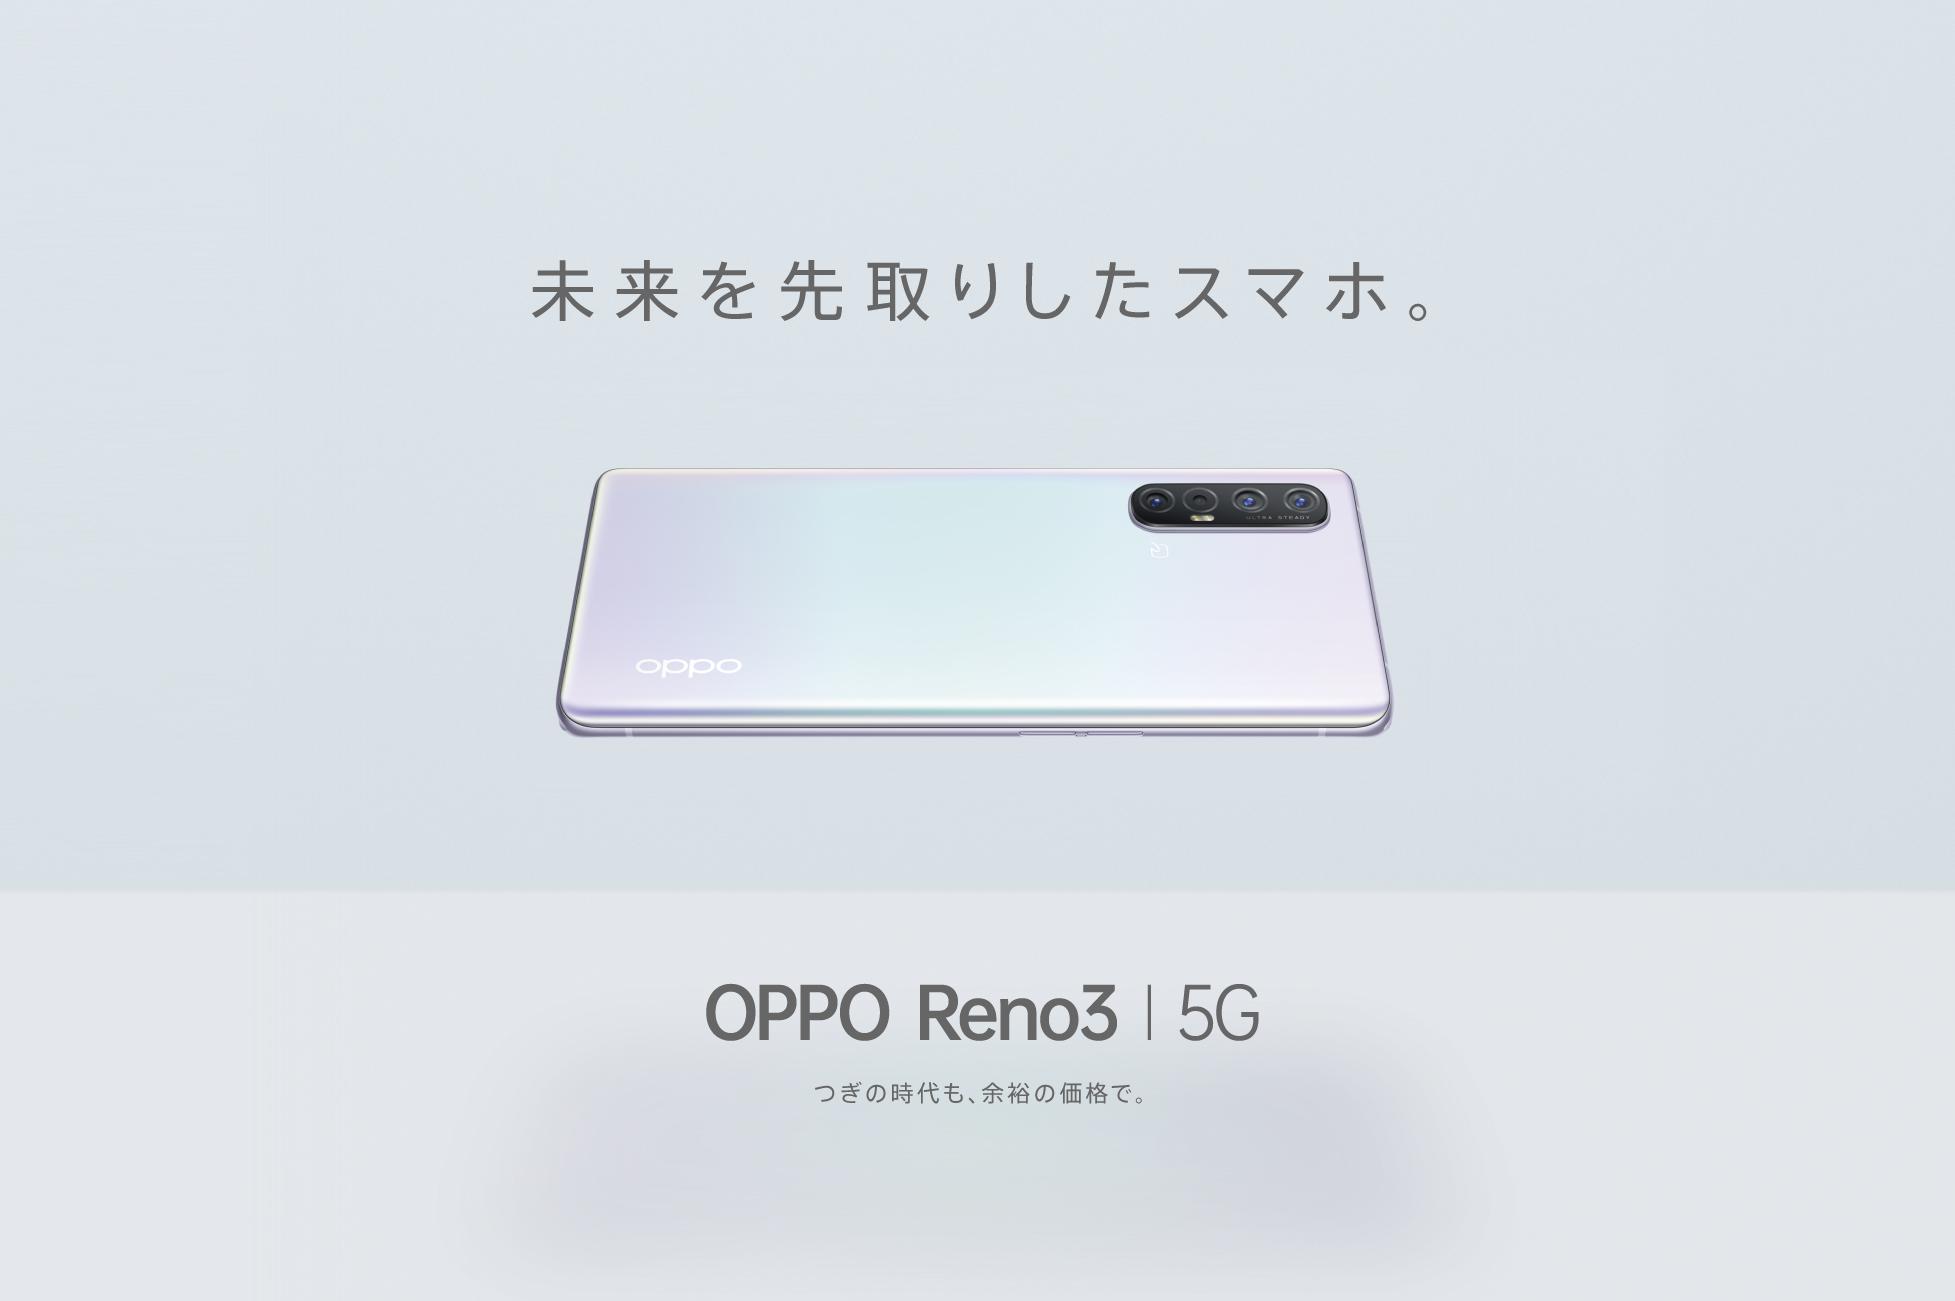 オッポジャパン OPPOの5Gスマートフォン 「OPPO Reno3 5G」が ソフトバンクでの取り扱い開始